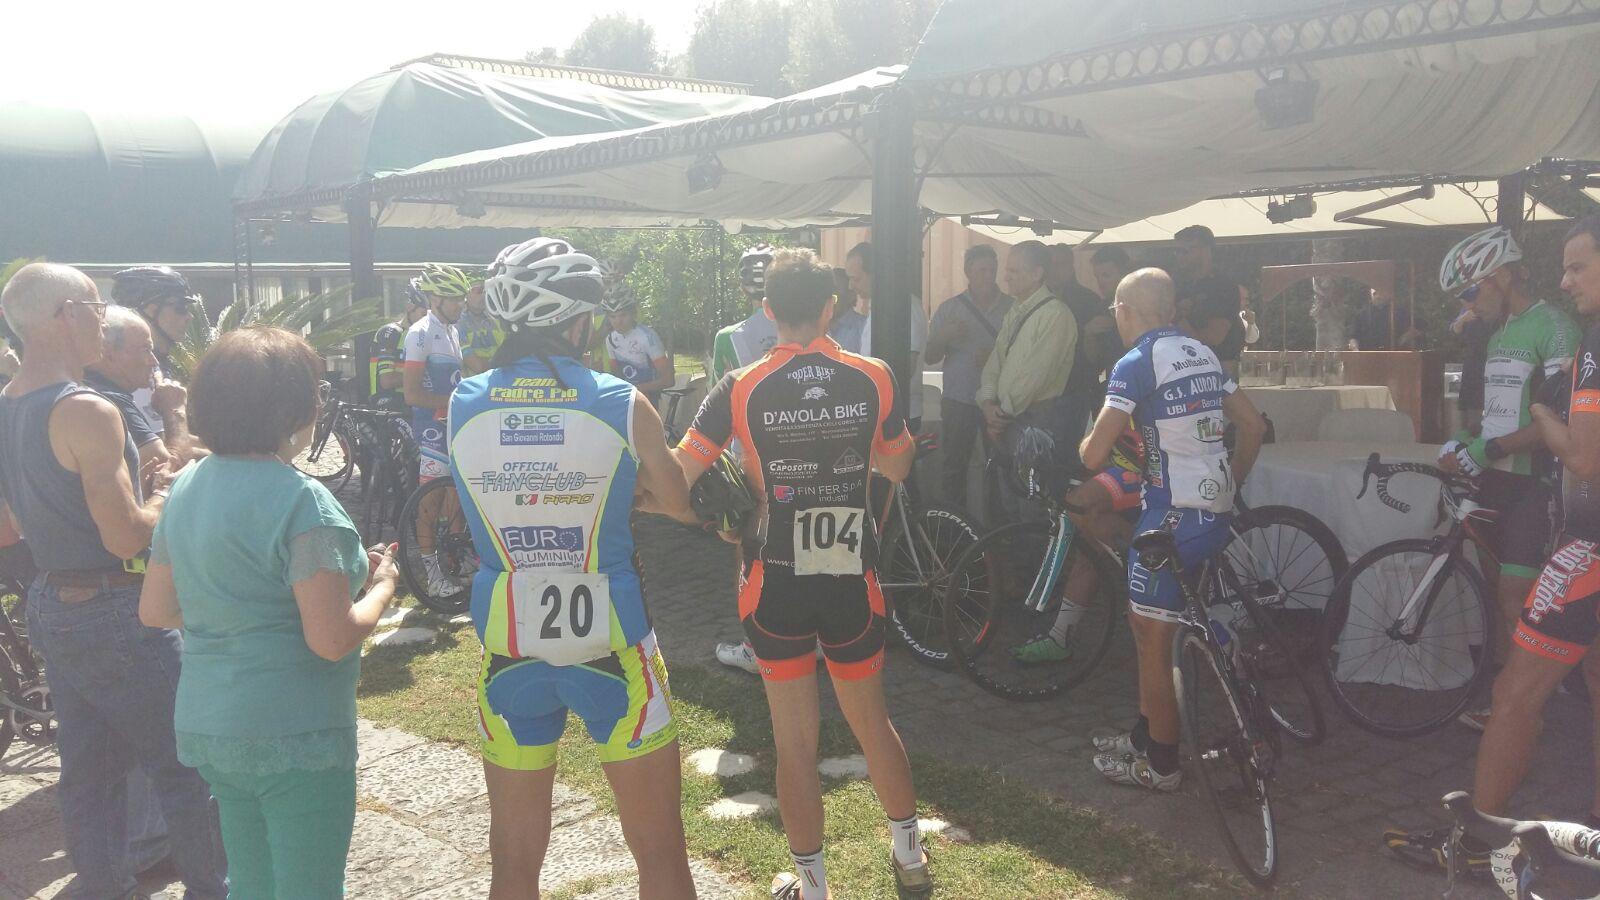 V-Trofeo-Cicilstico-Cronoscalata-Al-Vesuvio-Foto Finale